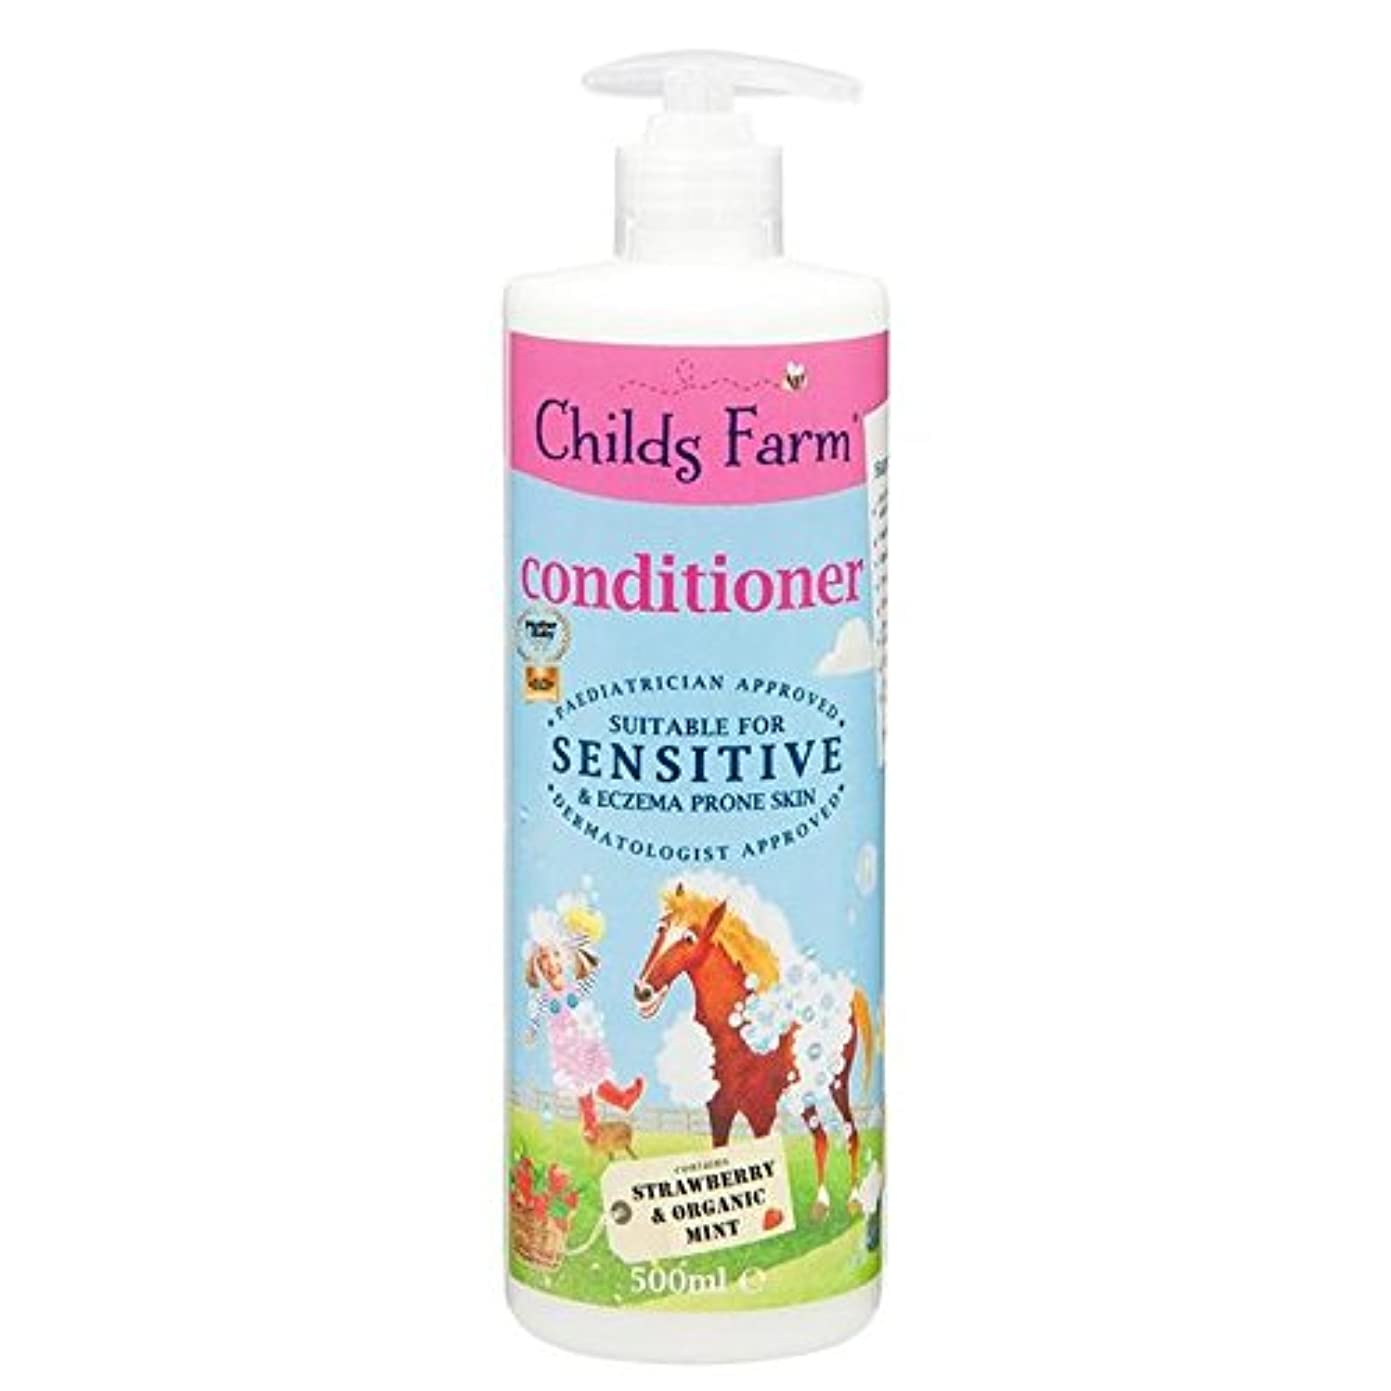 発行も盆地Childs Farm Conditioner for Unruly Hair 500ml (Pack of 6) - 手に負えない髪の500ミリリットルのためのチャイルズファームコンディショナー x6 [並行輸入品]